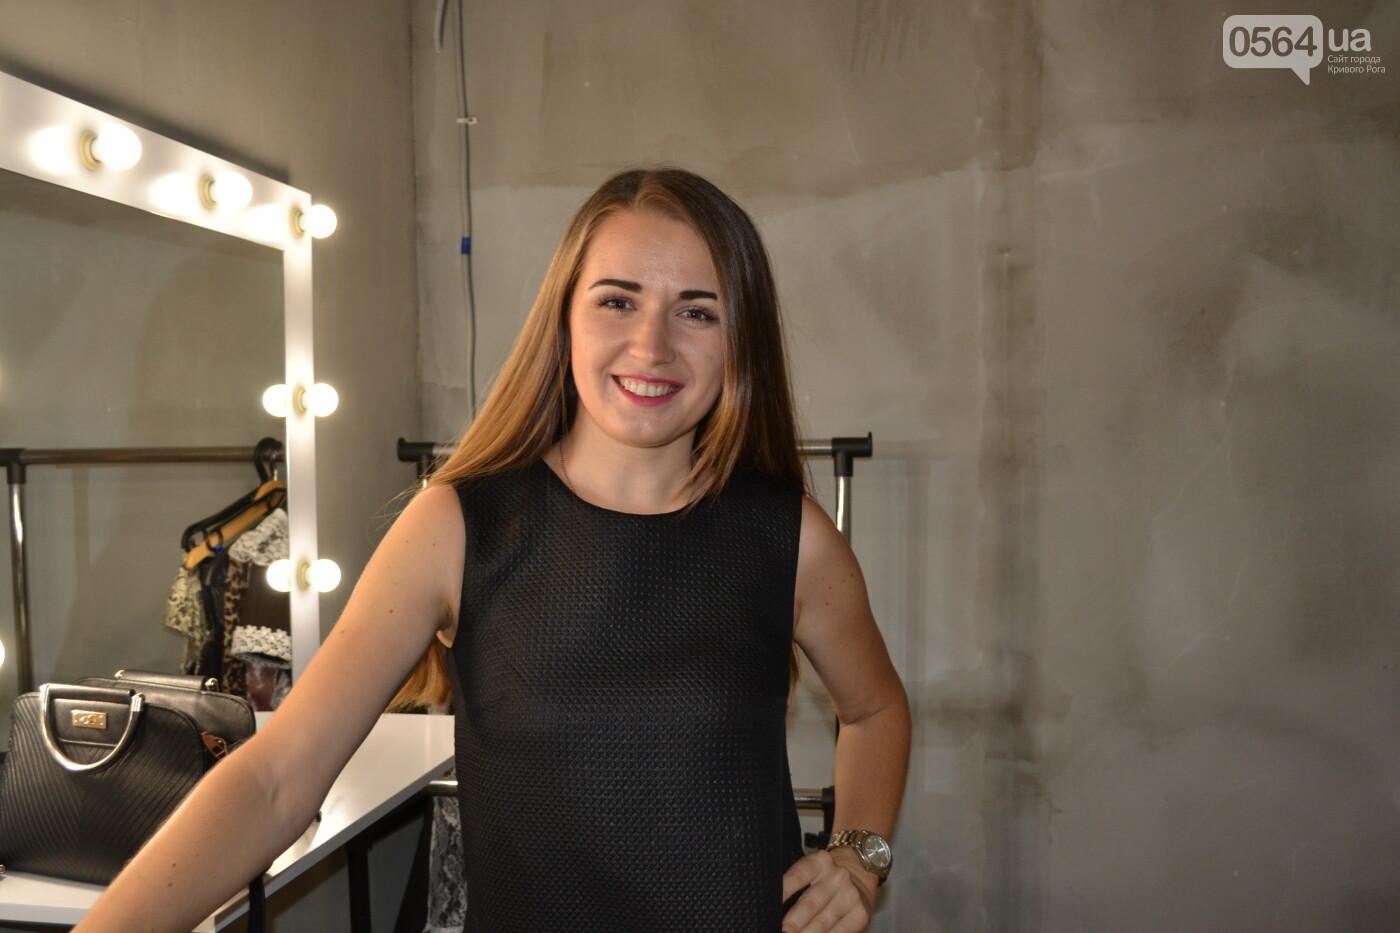 """Познать себя с """"Колибри"""": криворожанка придумала увлекательный проект, который поможет выбрать профессию, - ФОТО, ВИДЕО, фото-1"""